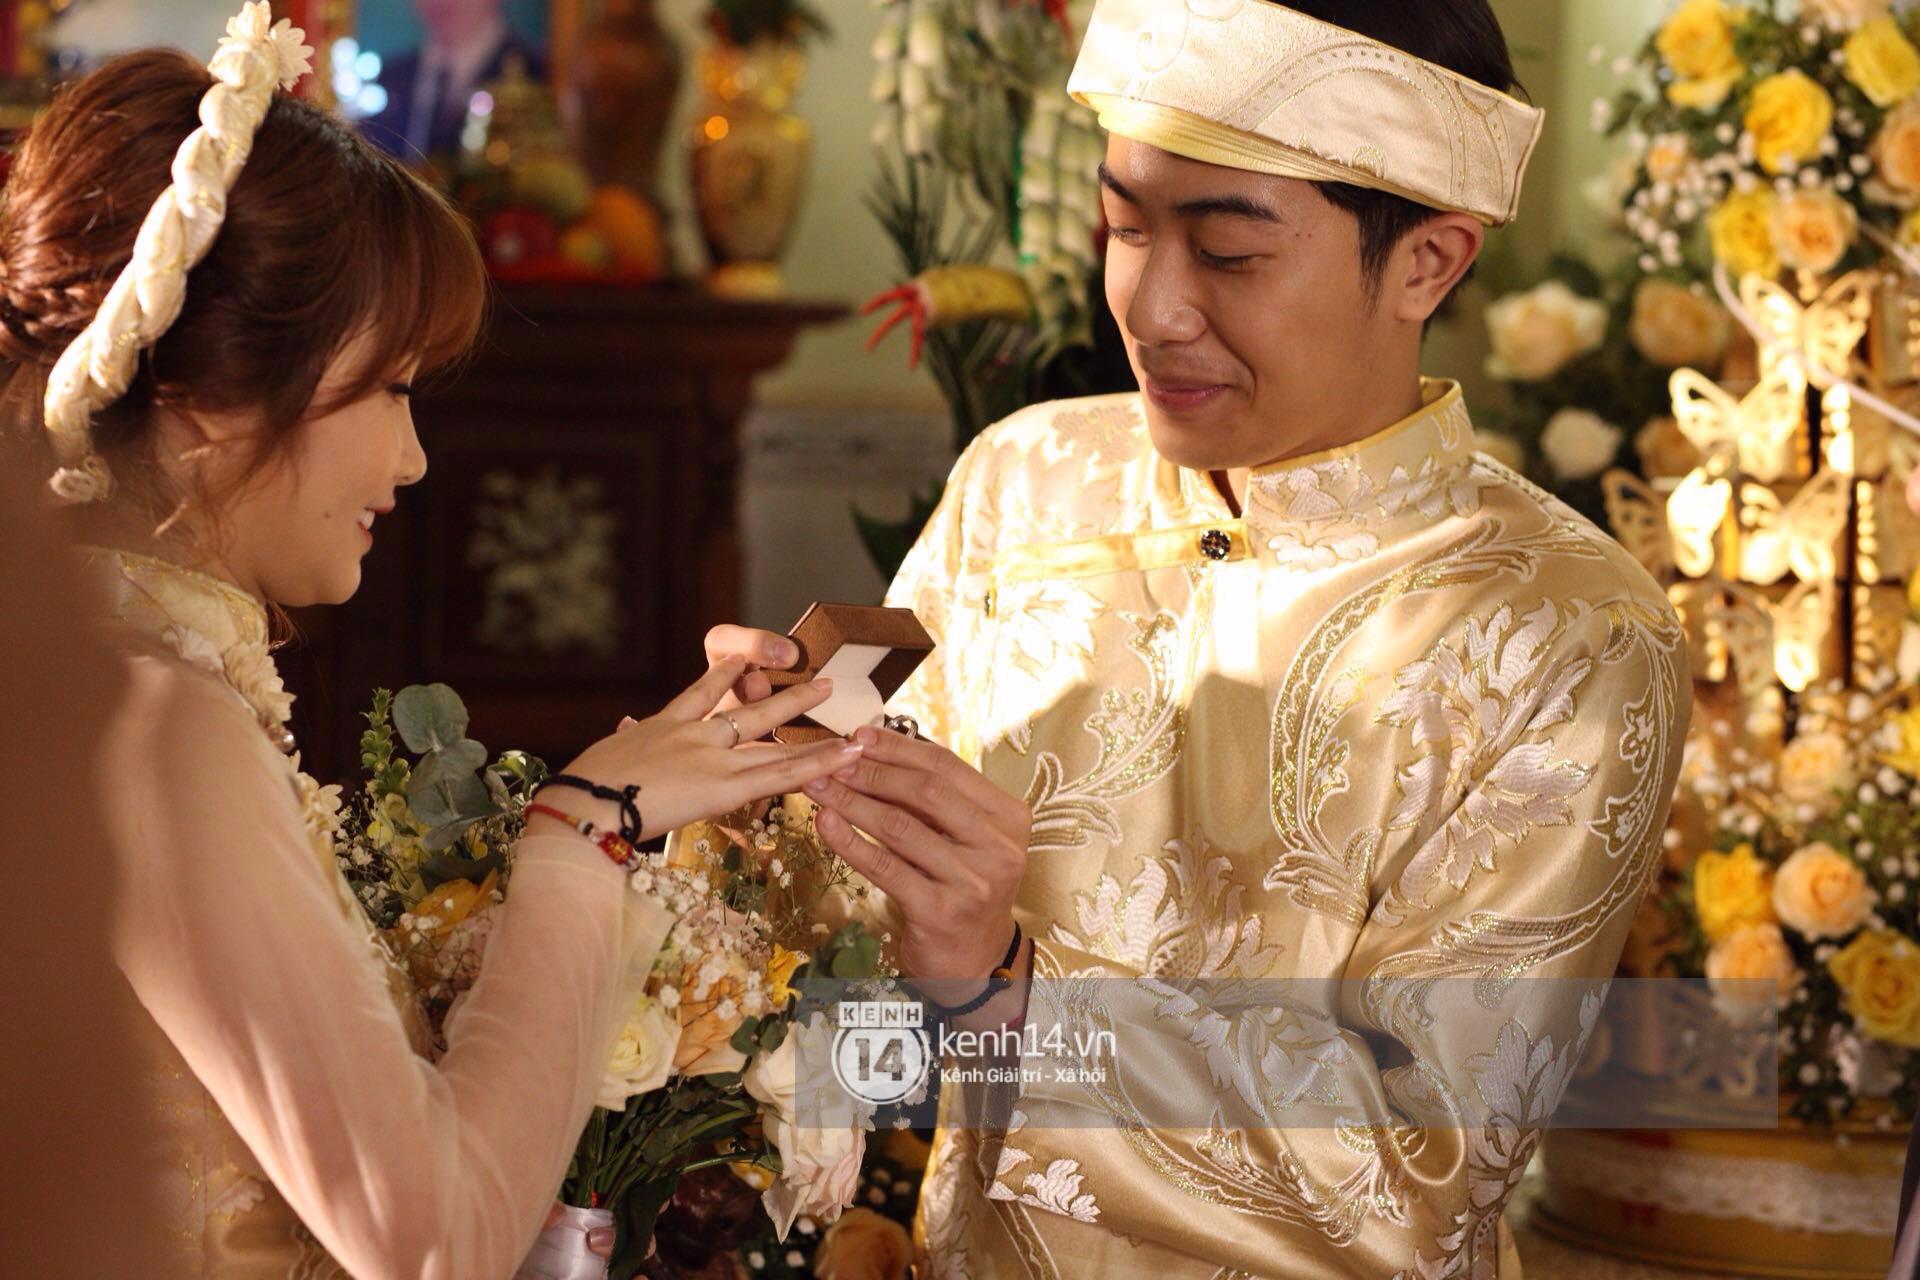 Chùm ảnh rạng rỡ của Cris Phan và Mai Quỳnh Anh trong lễ cưới ở Phú Yên - Ảnh 2.